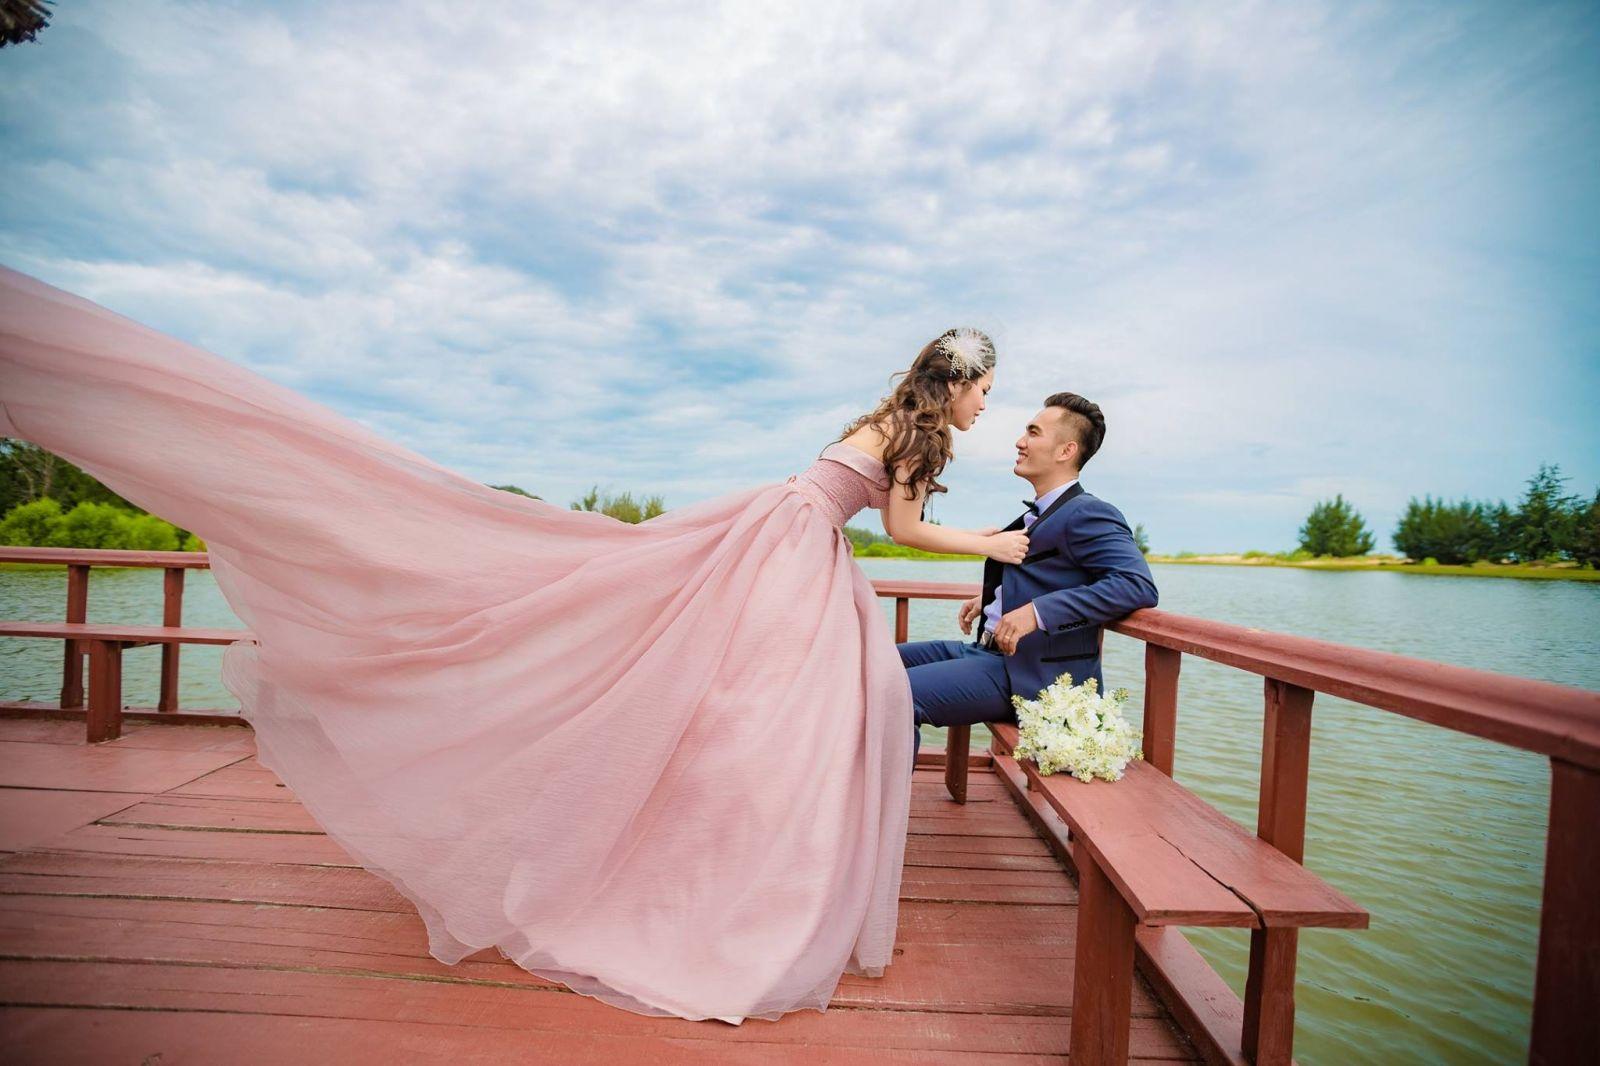 Các nguyên tắc cần nhớ trước khi chọn váy cưới bạn đa biết chưa? 16179570_364371820610526_7216200289241605640_o